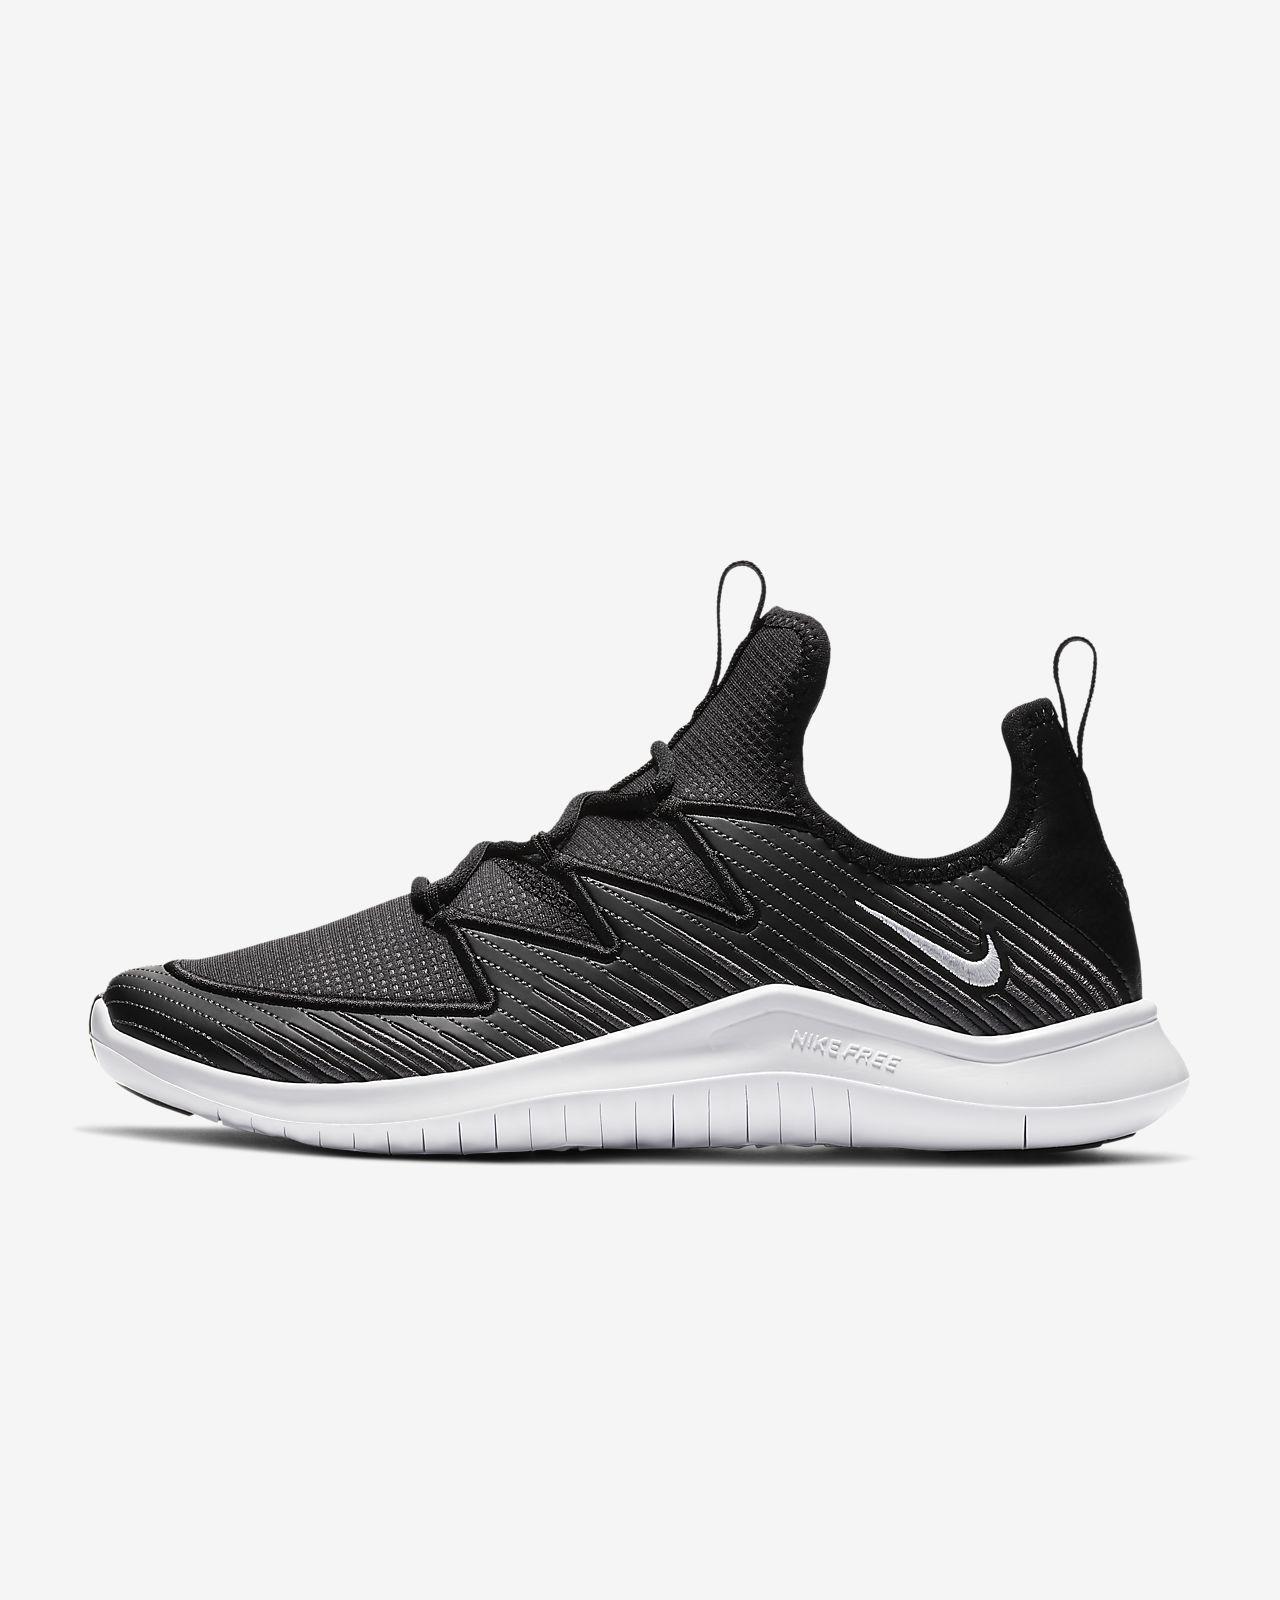 premium selection 1f8c3 042d0 ... Träningssko Nike Free TR Ultra för kvinnor